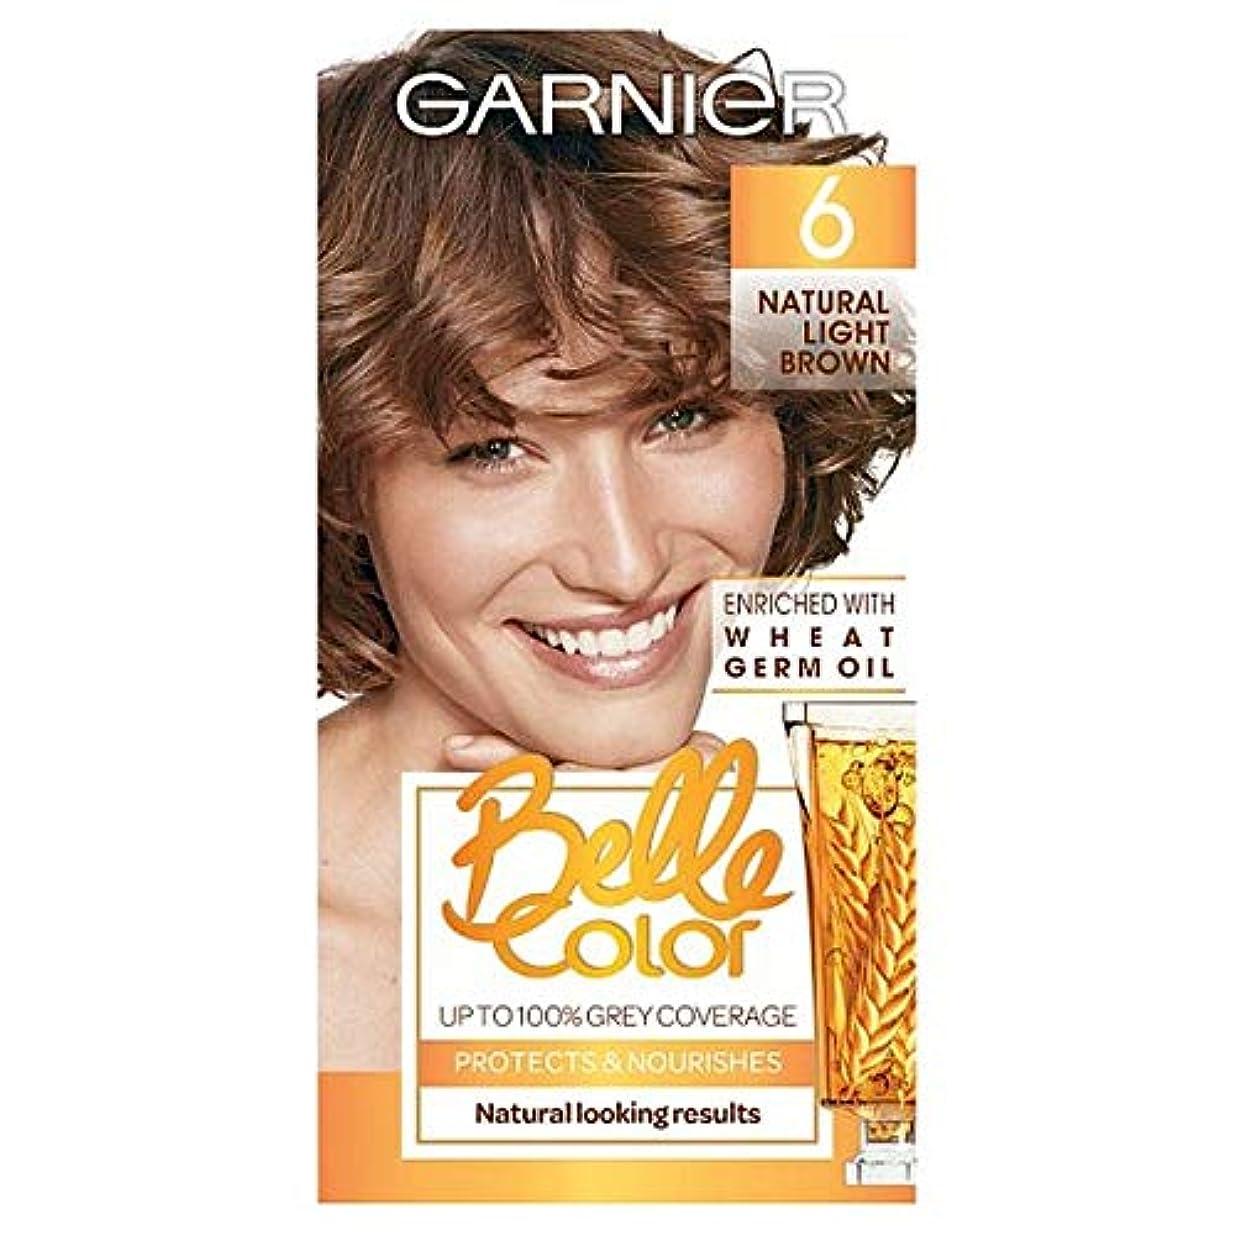 口保全信仰[Belle Color ] ガーン/ベル/Clr 6ナチュラルライトブラウンパーマネントヘアダイ - Garn/Bel/Clr 6 Natural Light Brown Permanent Hair Dye [並行輸入品]